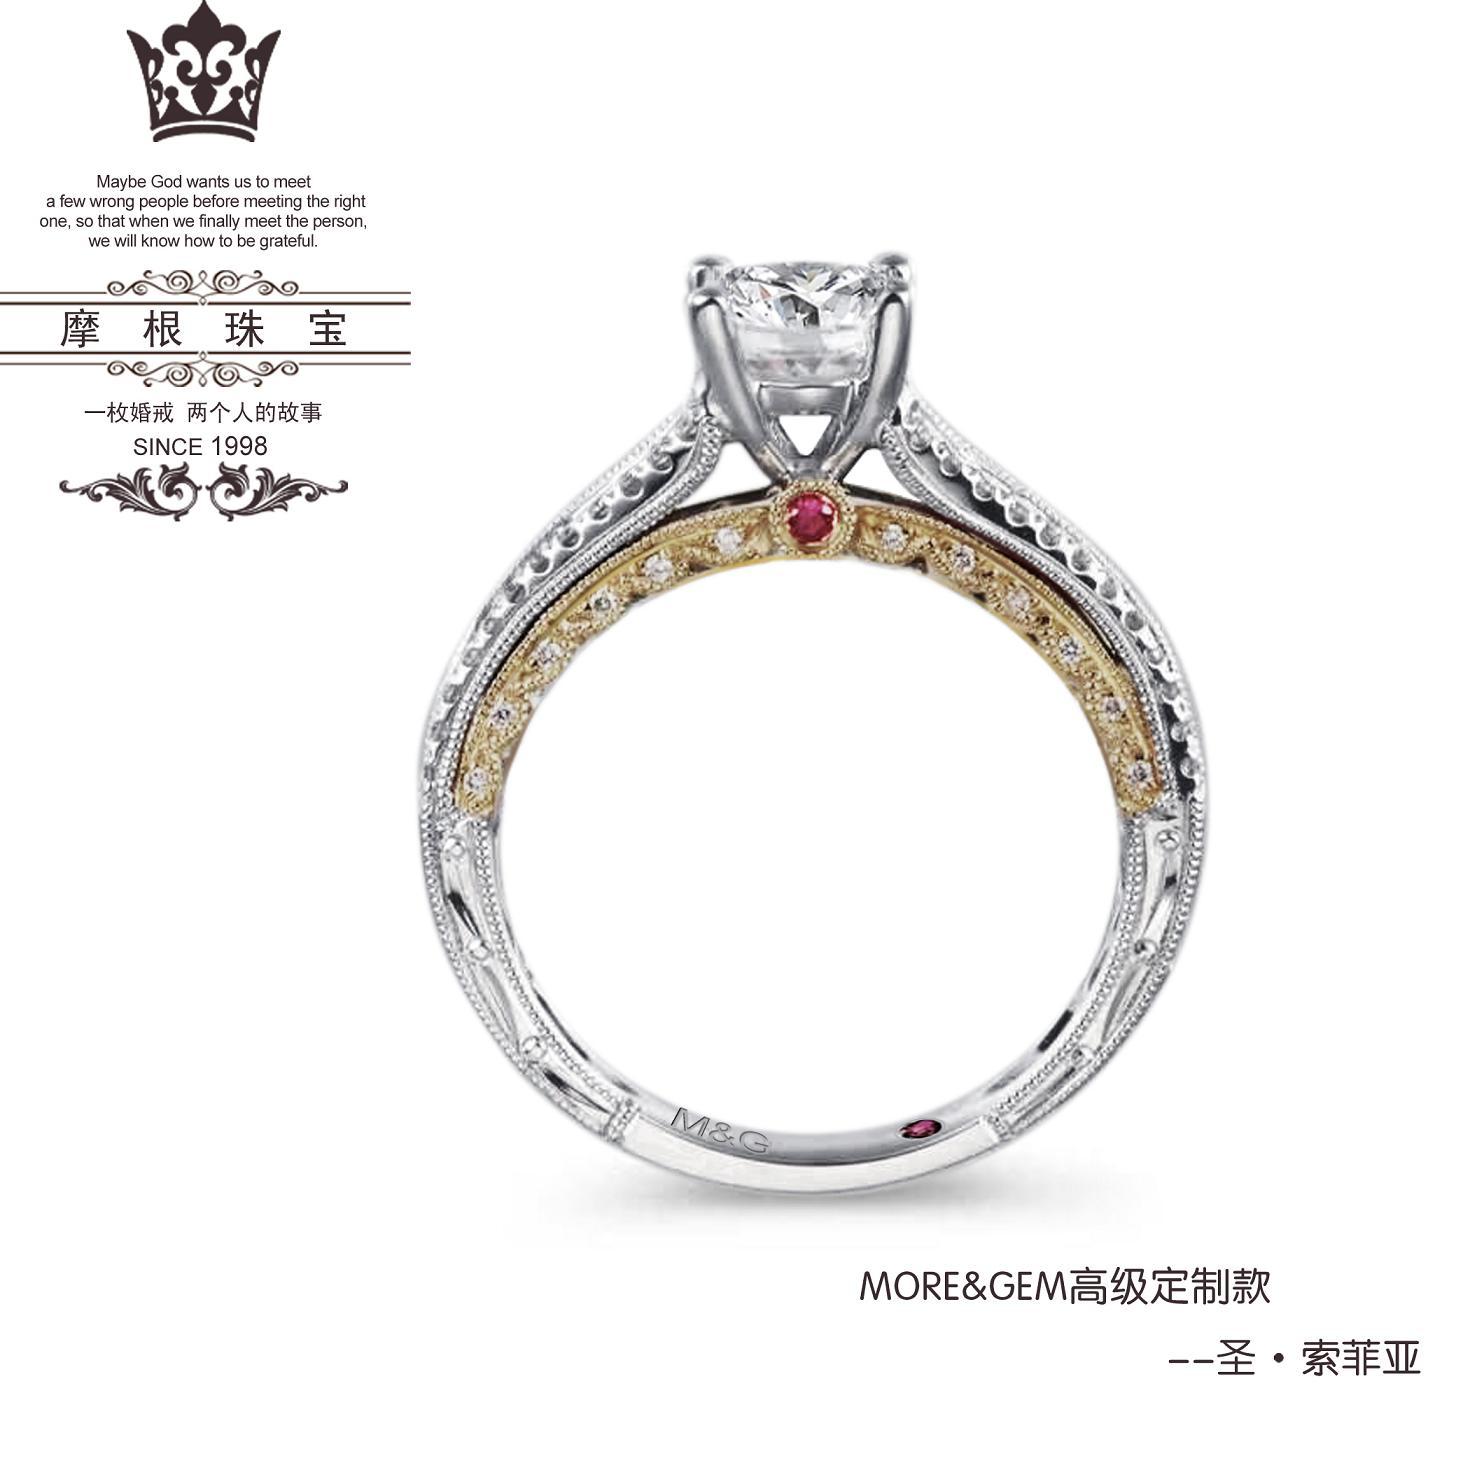 摩根珠宝钻戒典范订婚钻戒—黛·西